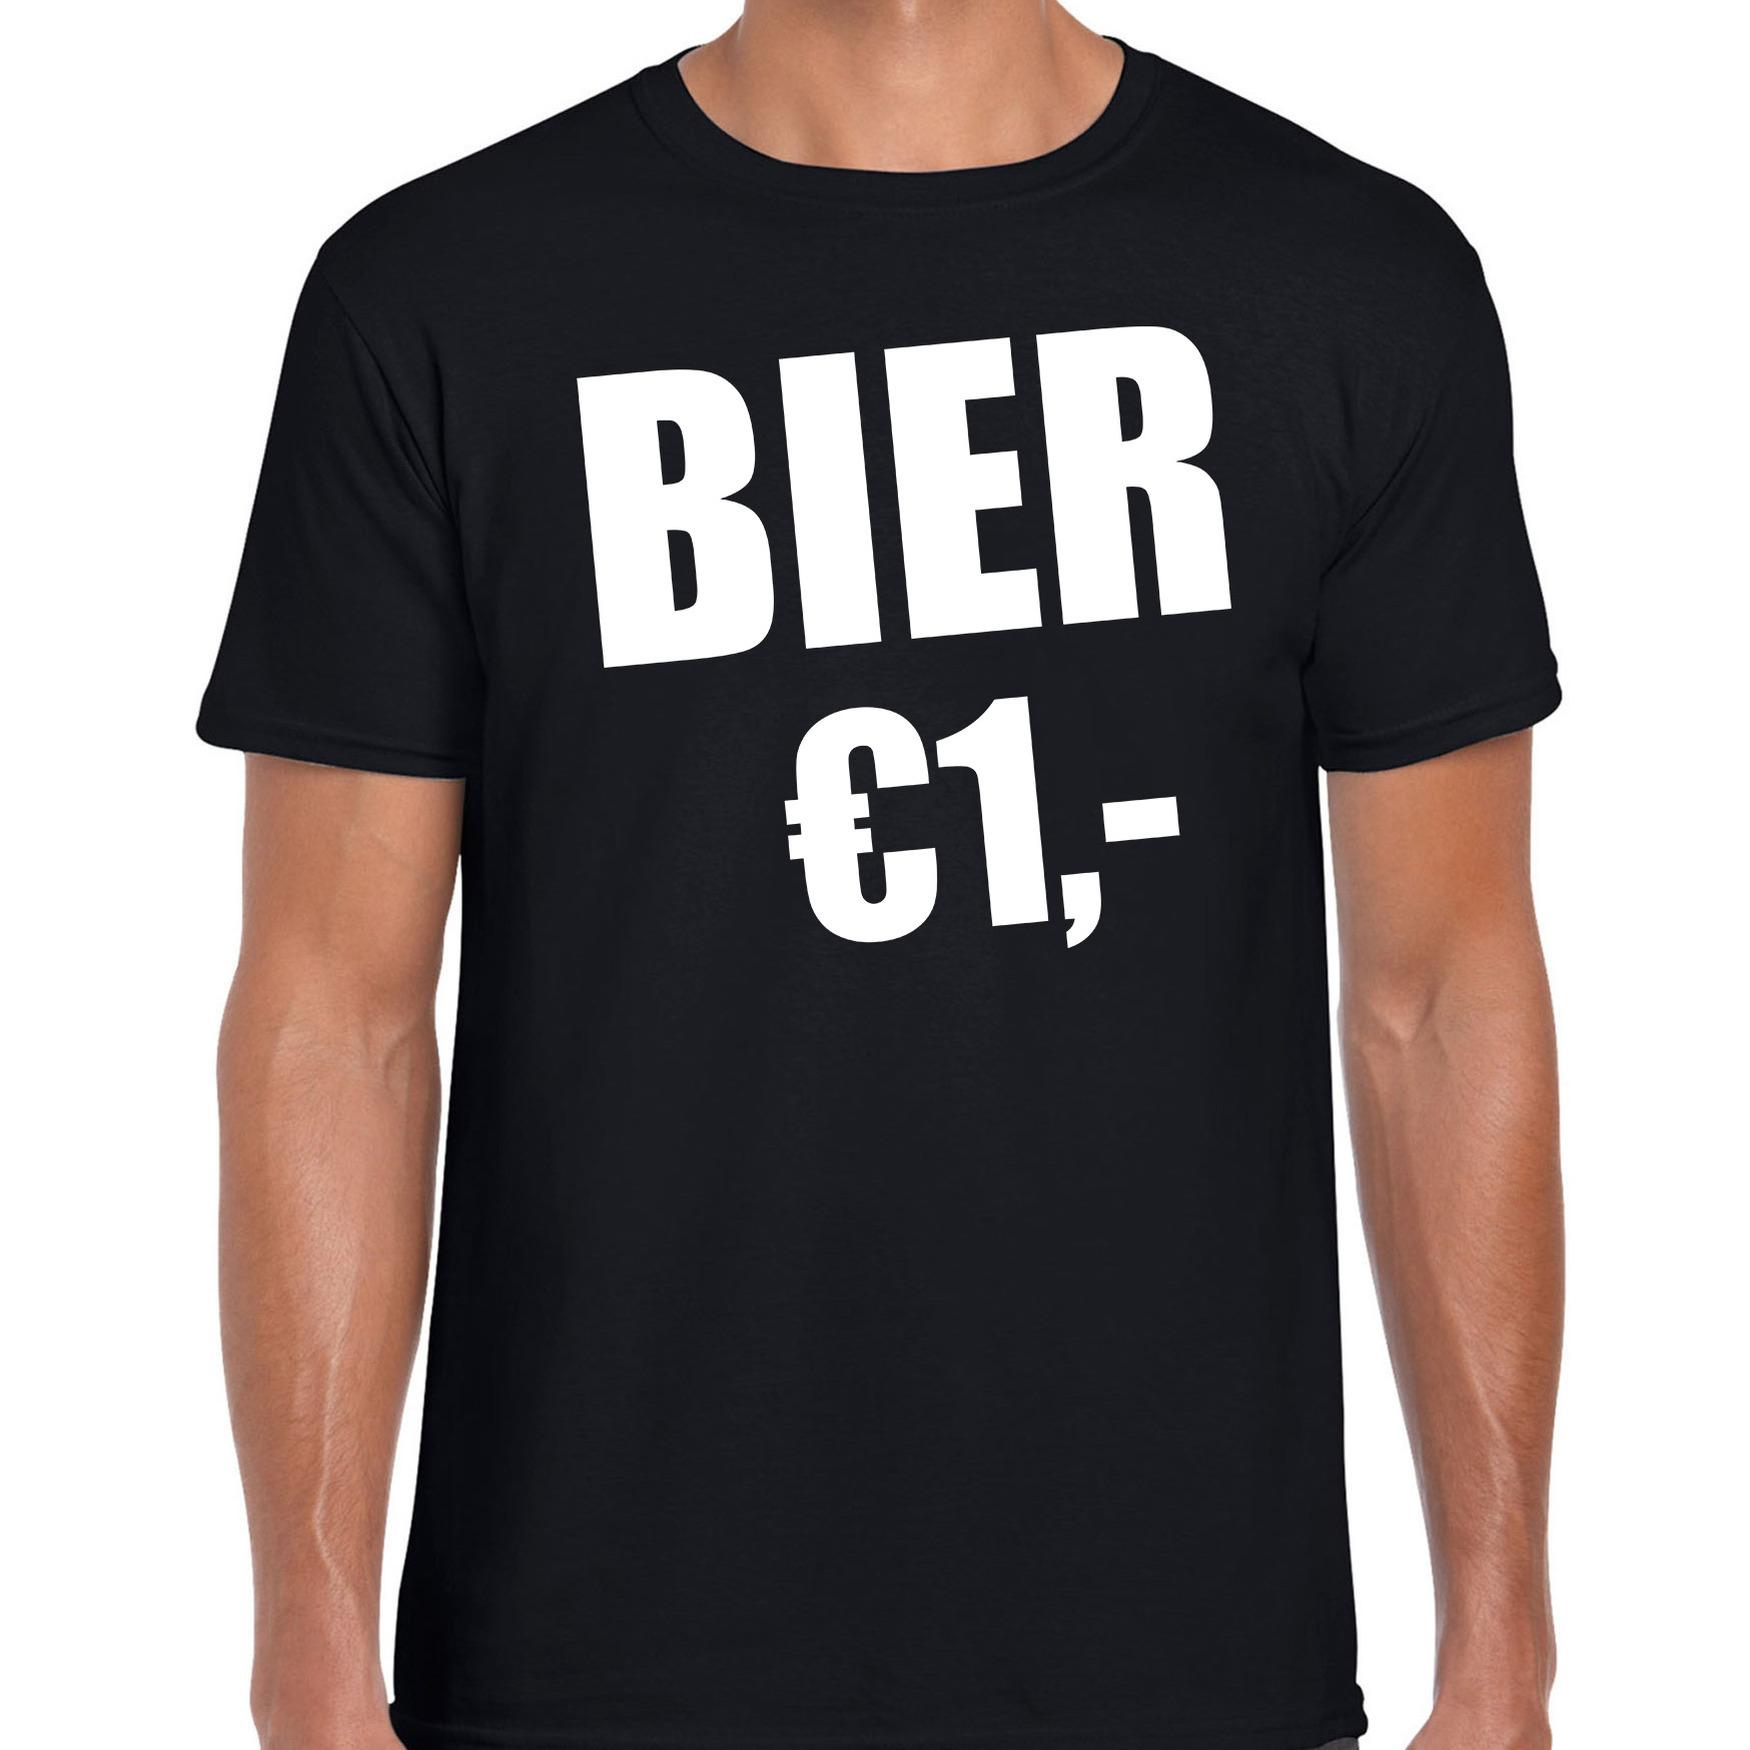 Fun t-shirt bier 1 euro zwart voor heren M -